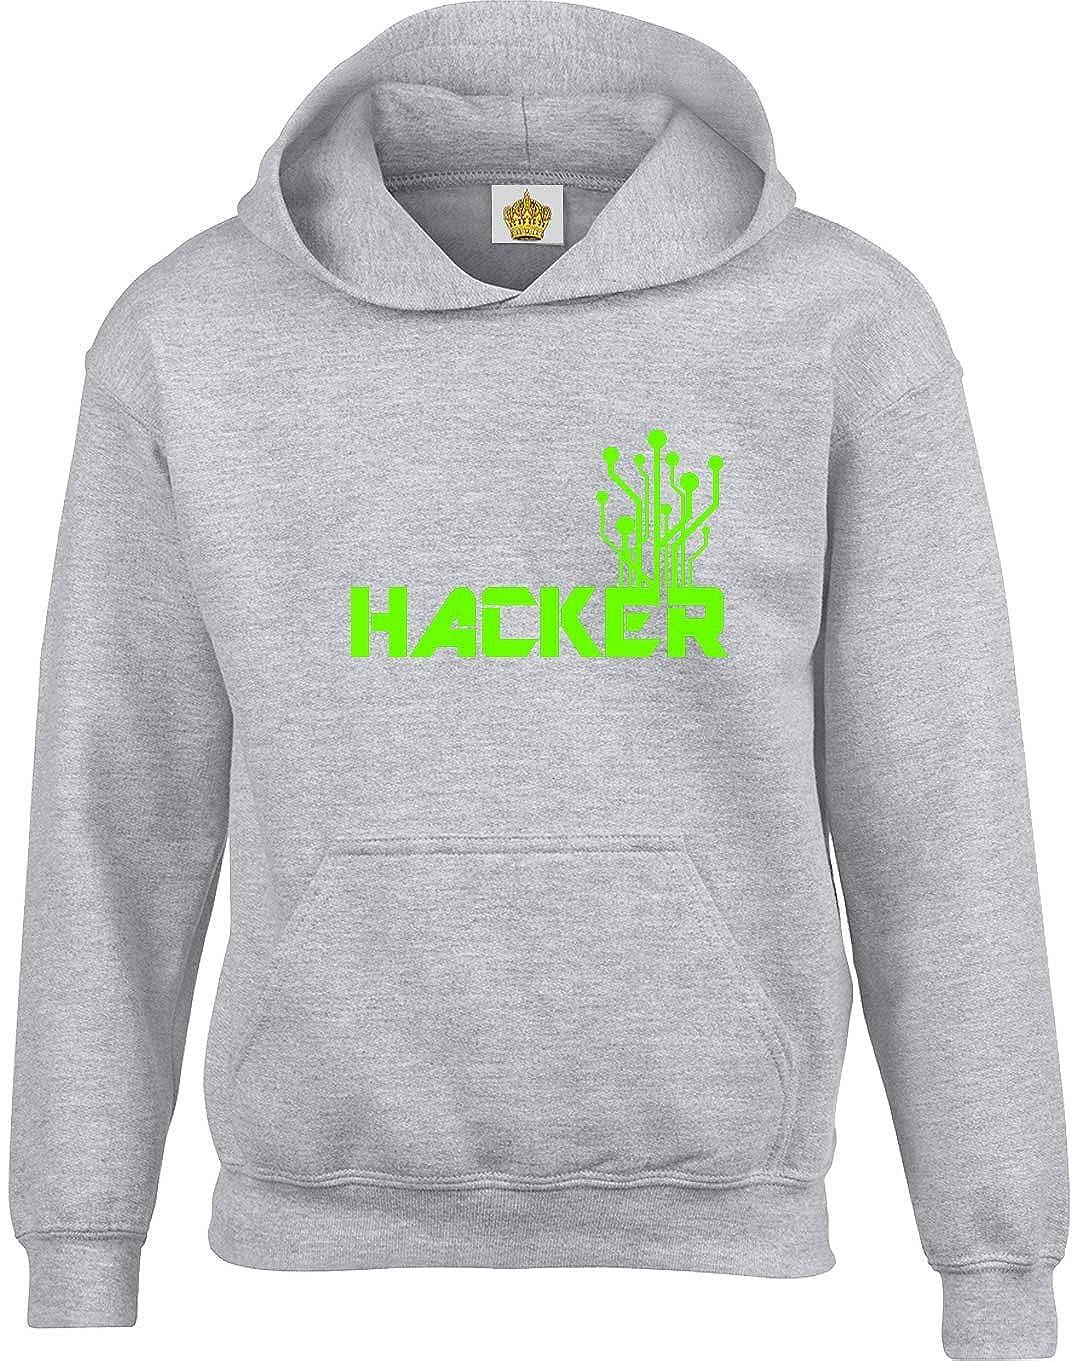 Crown Designs Hacker Nerd Friki Funky Fresco Sudaderas Unisex de Regalo para Hombres Mujeres y Adolescentes: Amazon.es: Ropa y accesorios